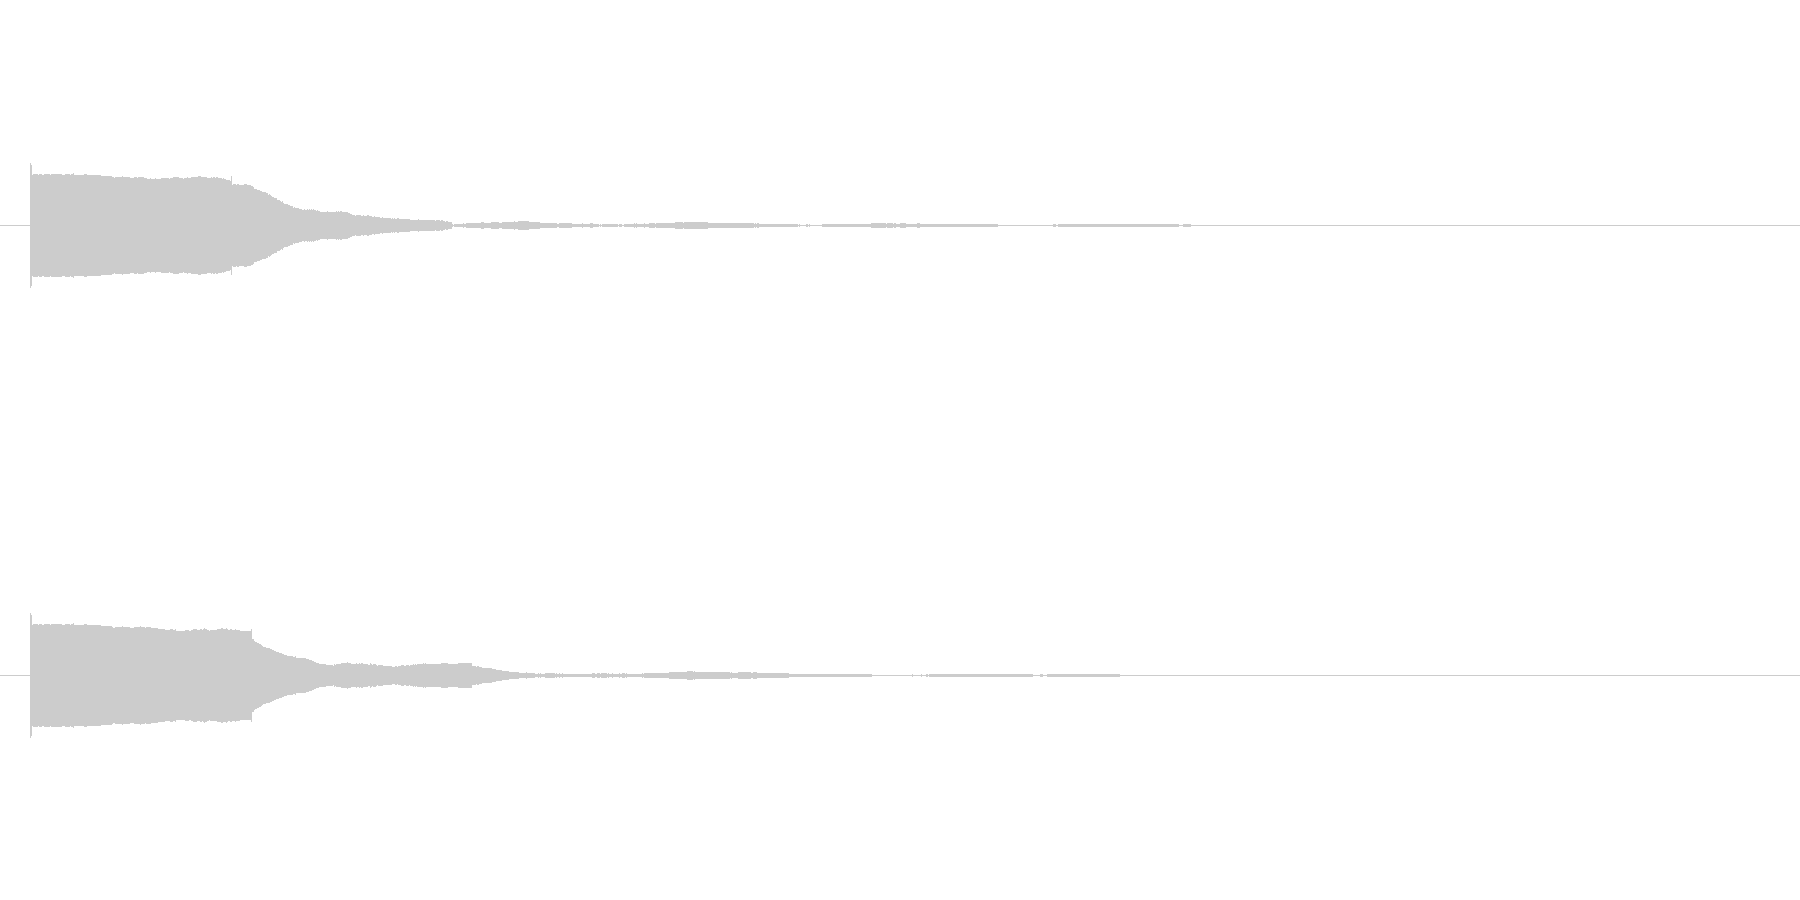 「ポン」というシンプルな音ですの未再生の波形